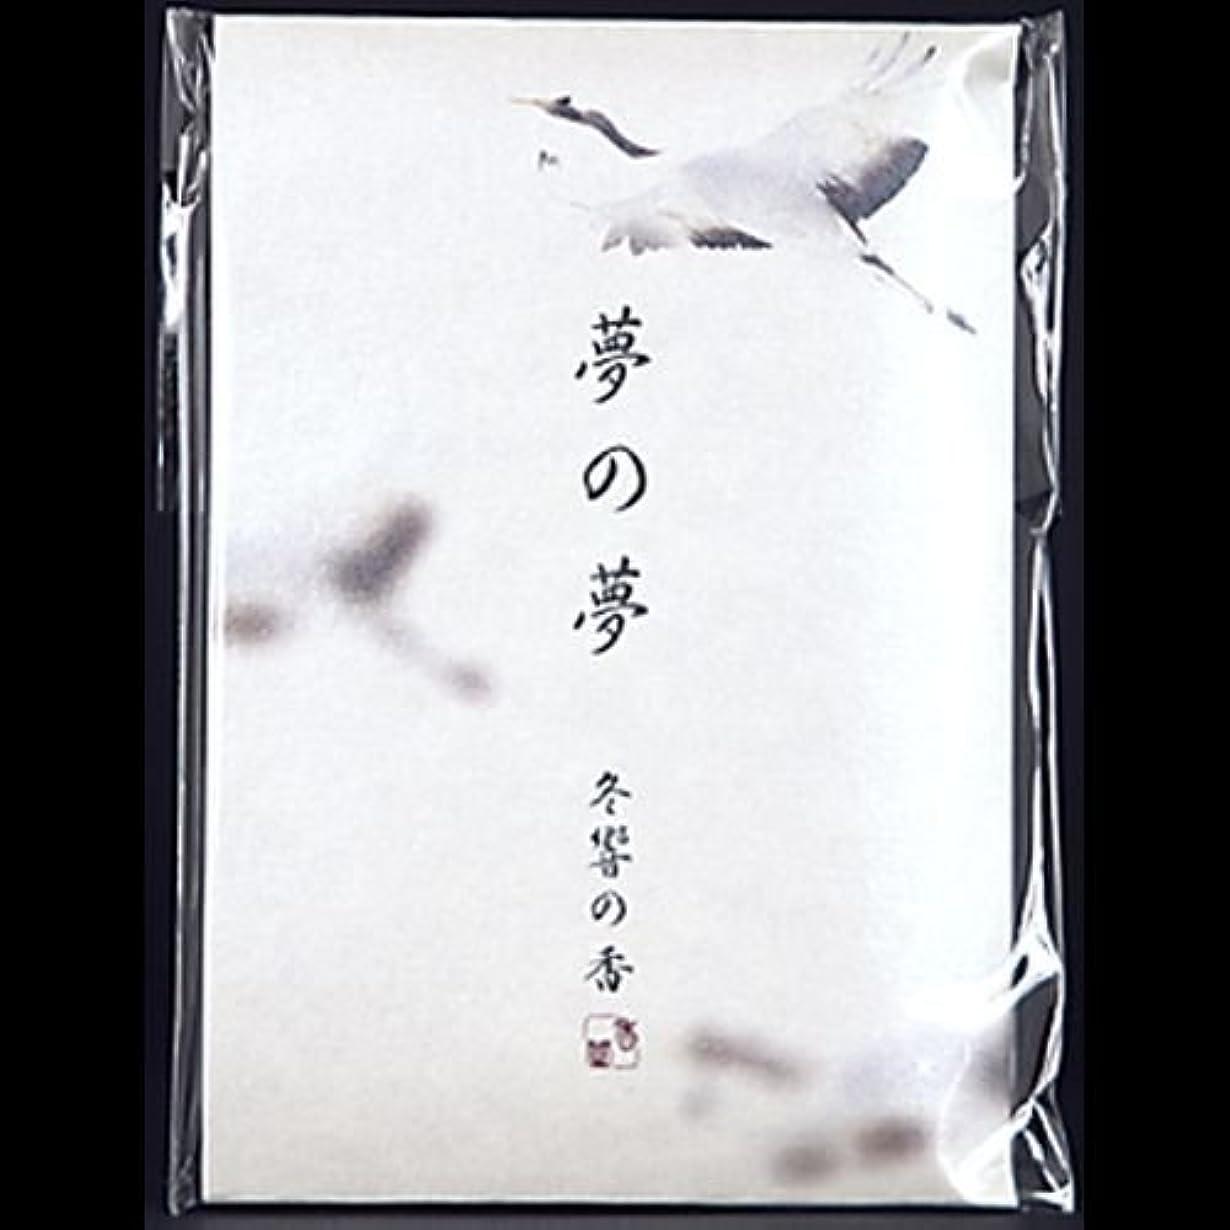 感染する影響スーパー【まとめ買い】夢の夢 冬響の香 (鶴) スティック12本入 ×2セット